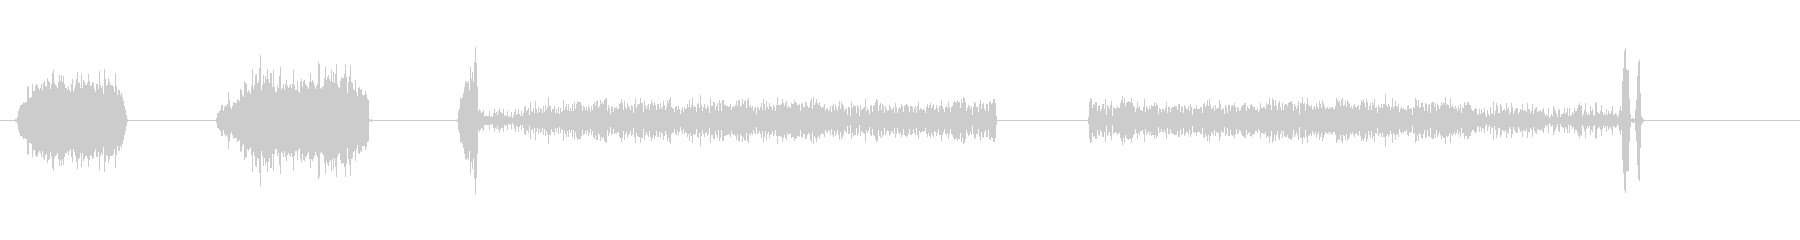 テープ、プロのレコーダーで音楽を巻き戻すの未再生の波形